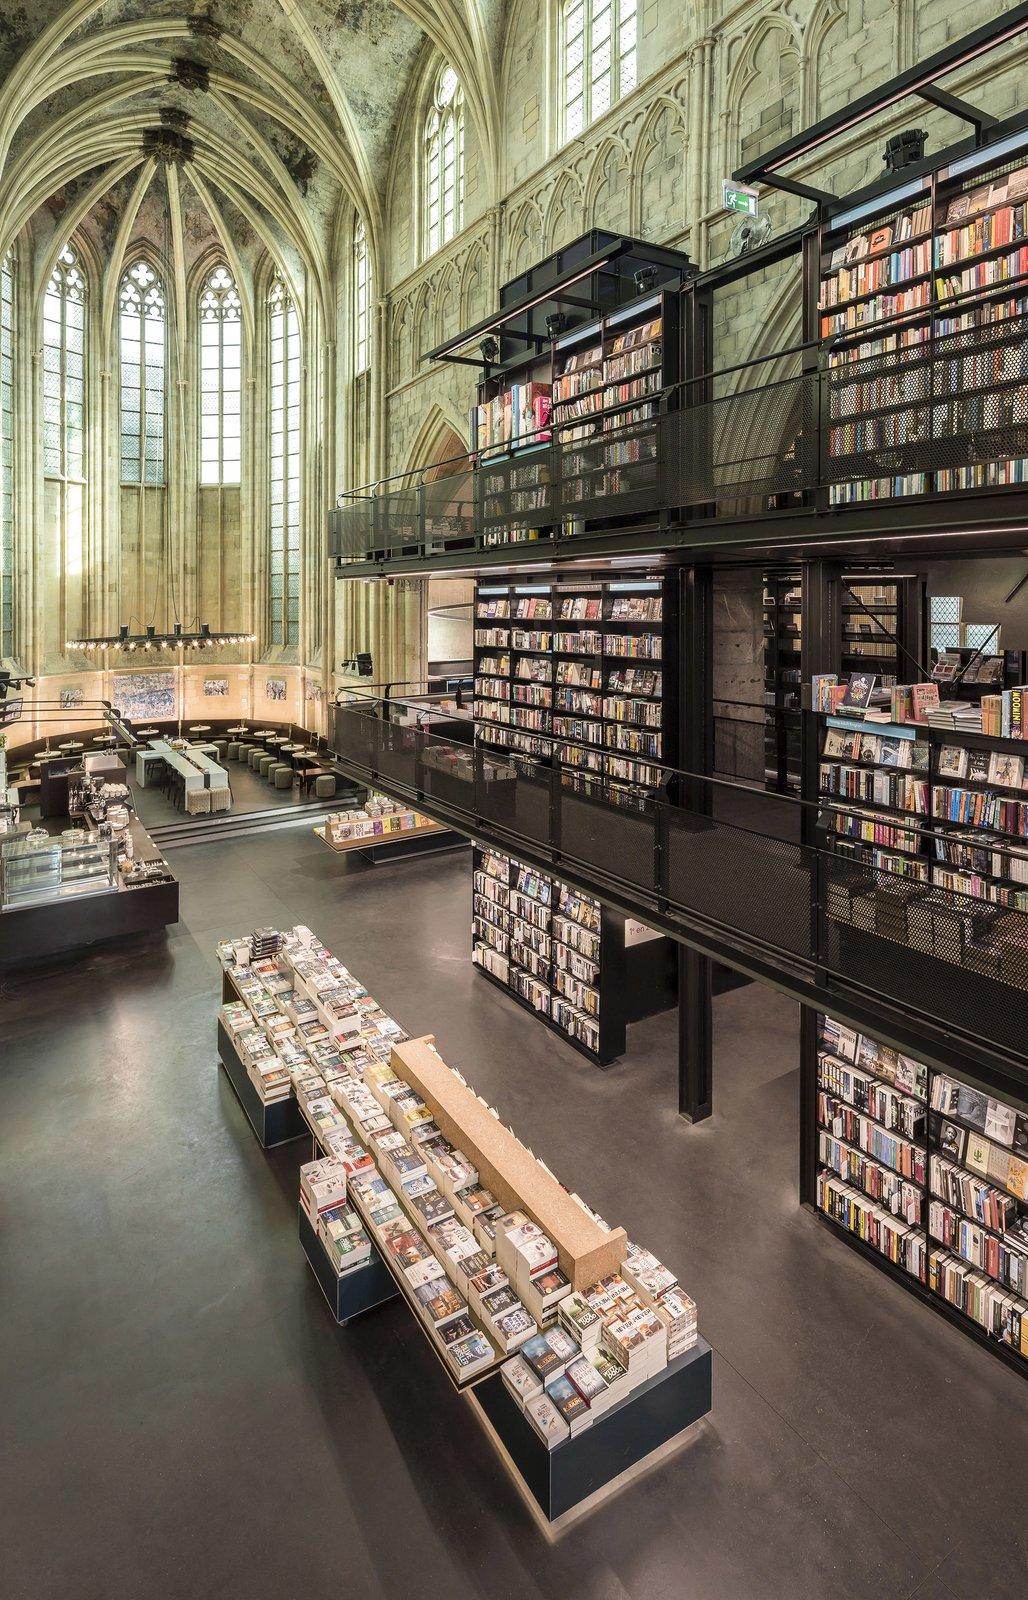 Boekhandel Dominicanen interior